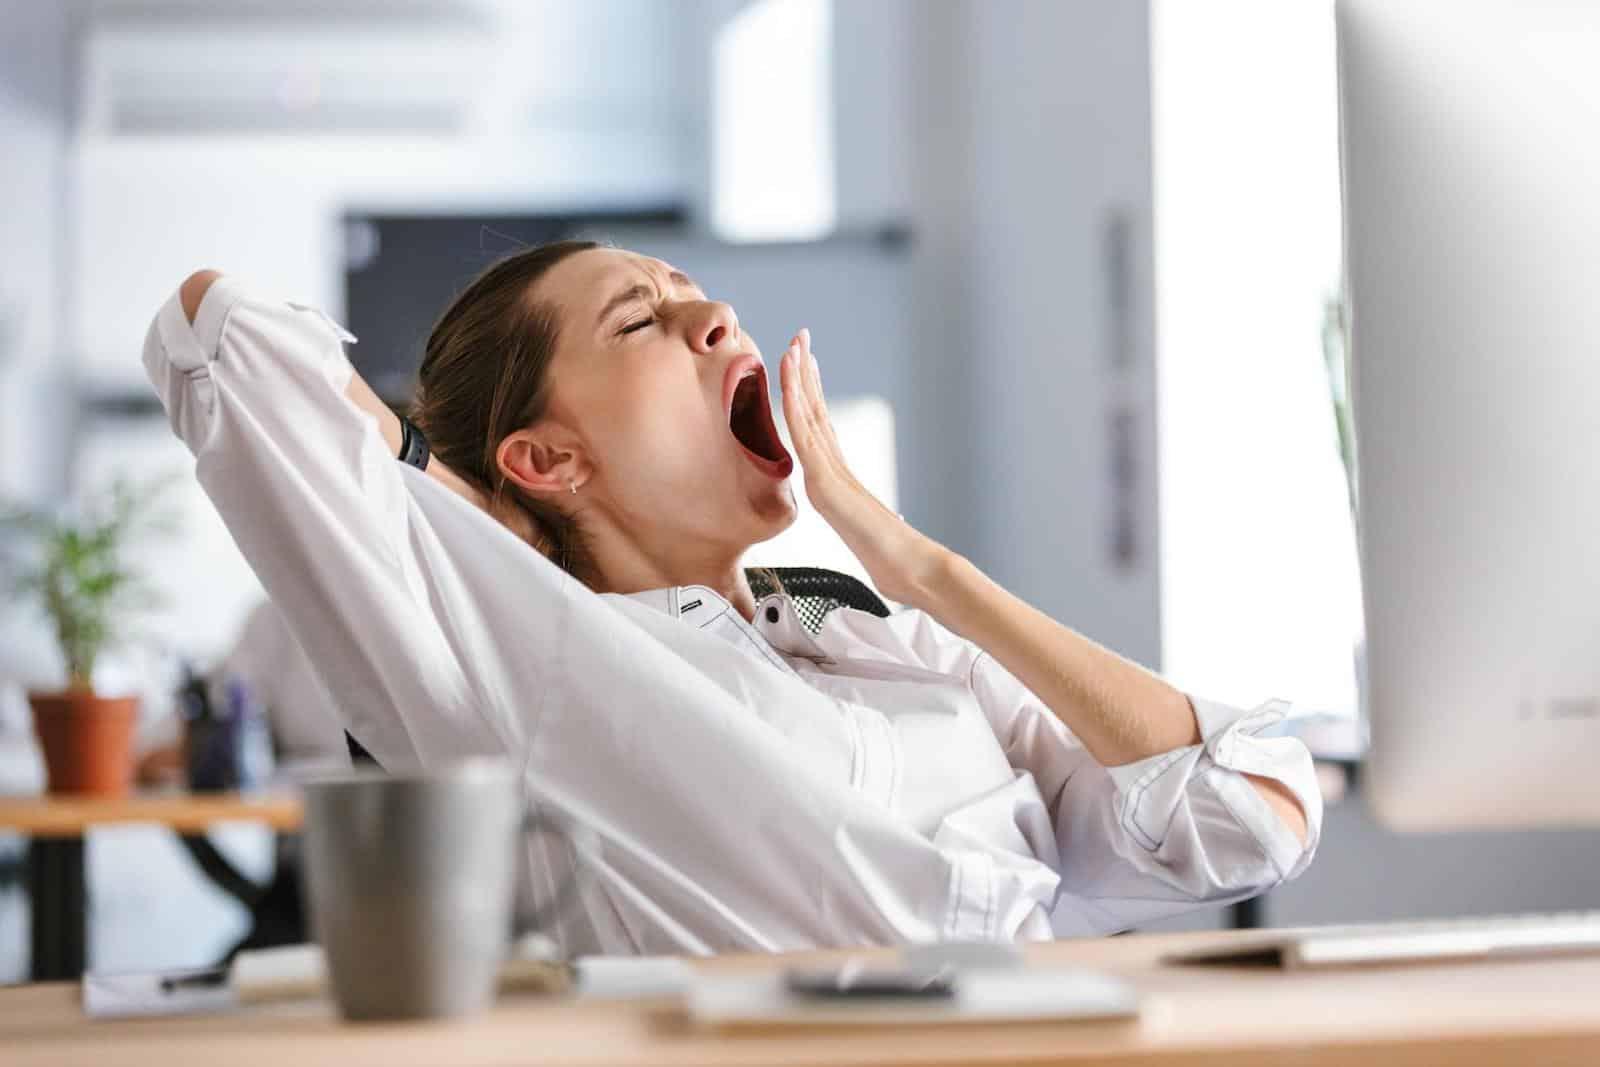 Brain fog: Woman yawning